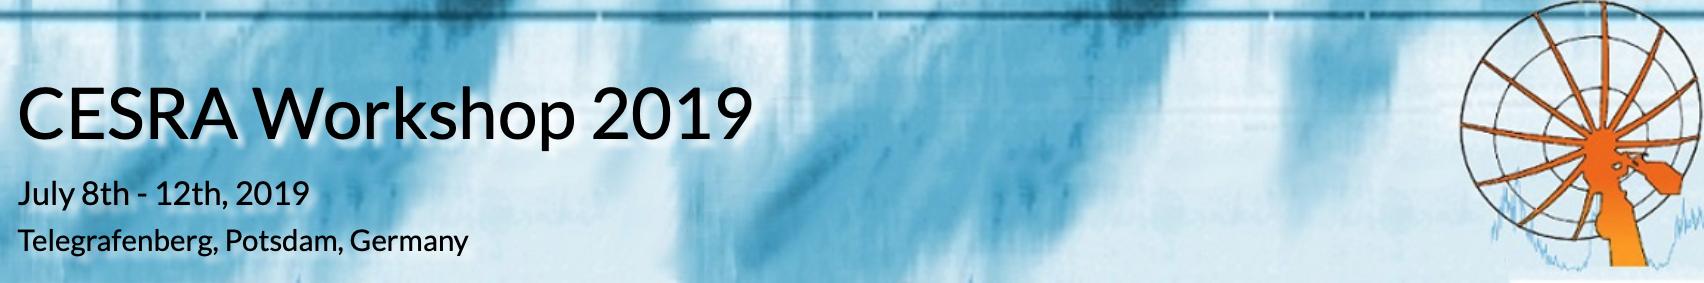 bildschirmfoto-2019-03-13-um-13-07-32